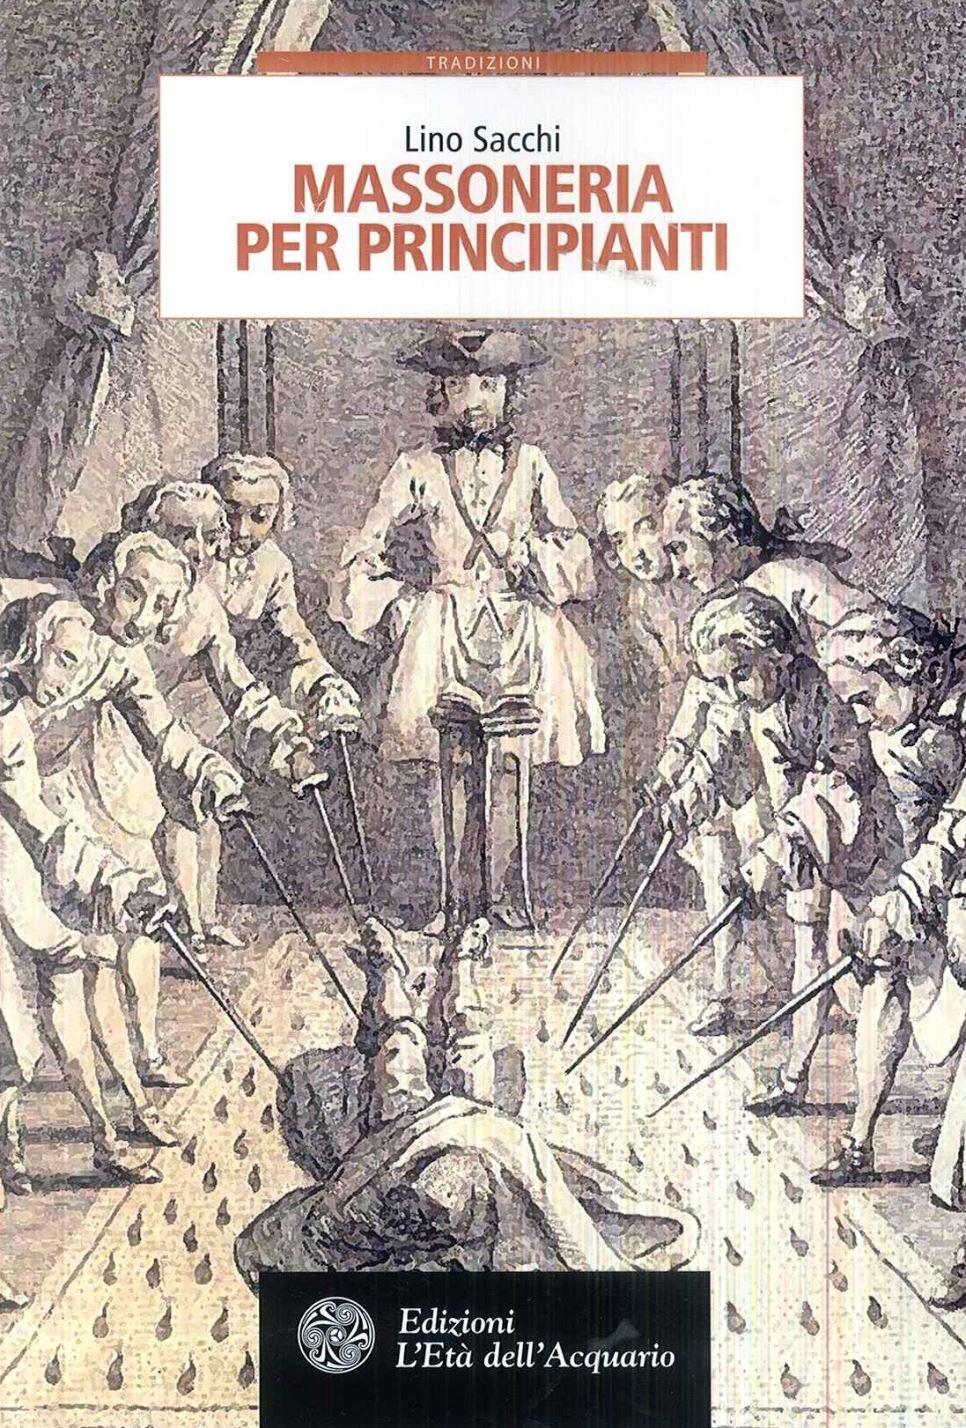 Frasi Di Natale Massoniche.Massoneria Per Principianti 3 Ed Lino Sacchi Eta Dell